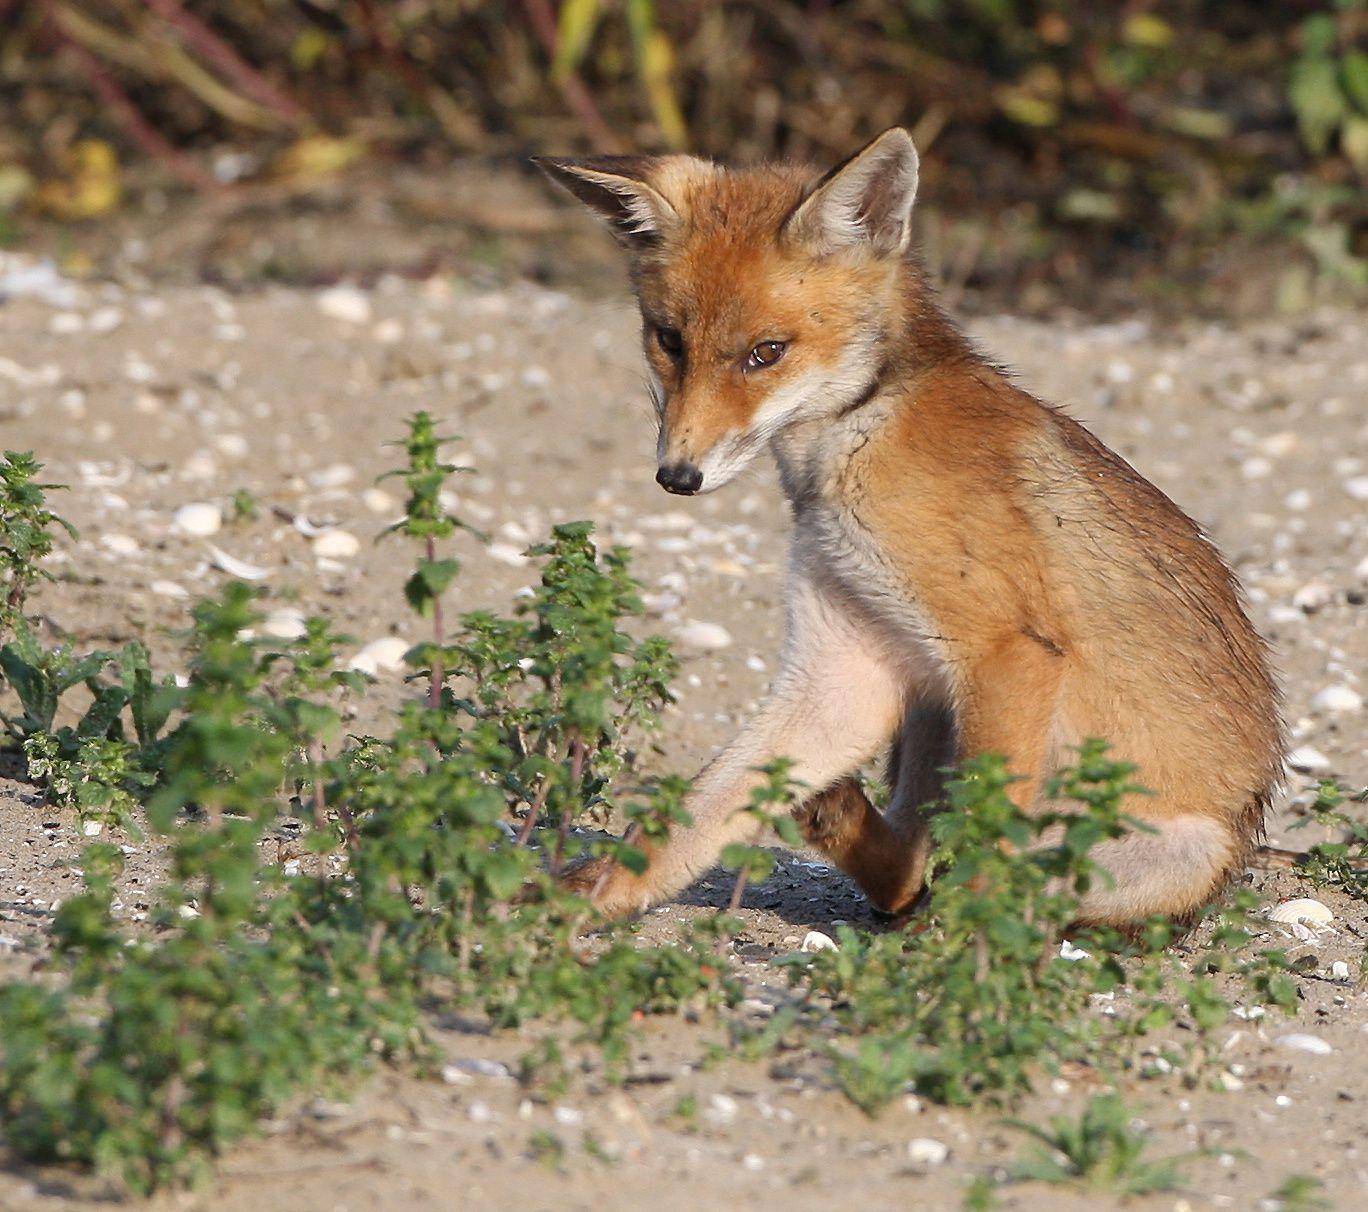 Renard roux côte picarde photo de faune sauvage de Picardie-Benoit Henrion